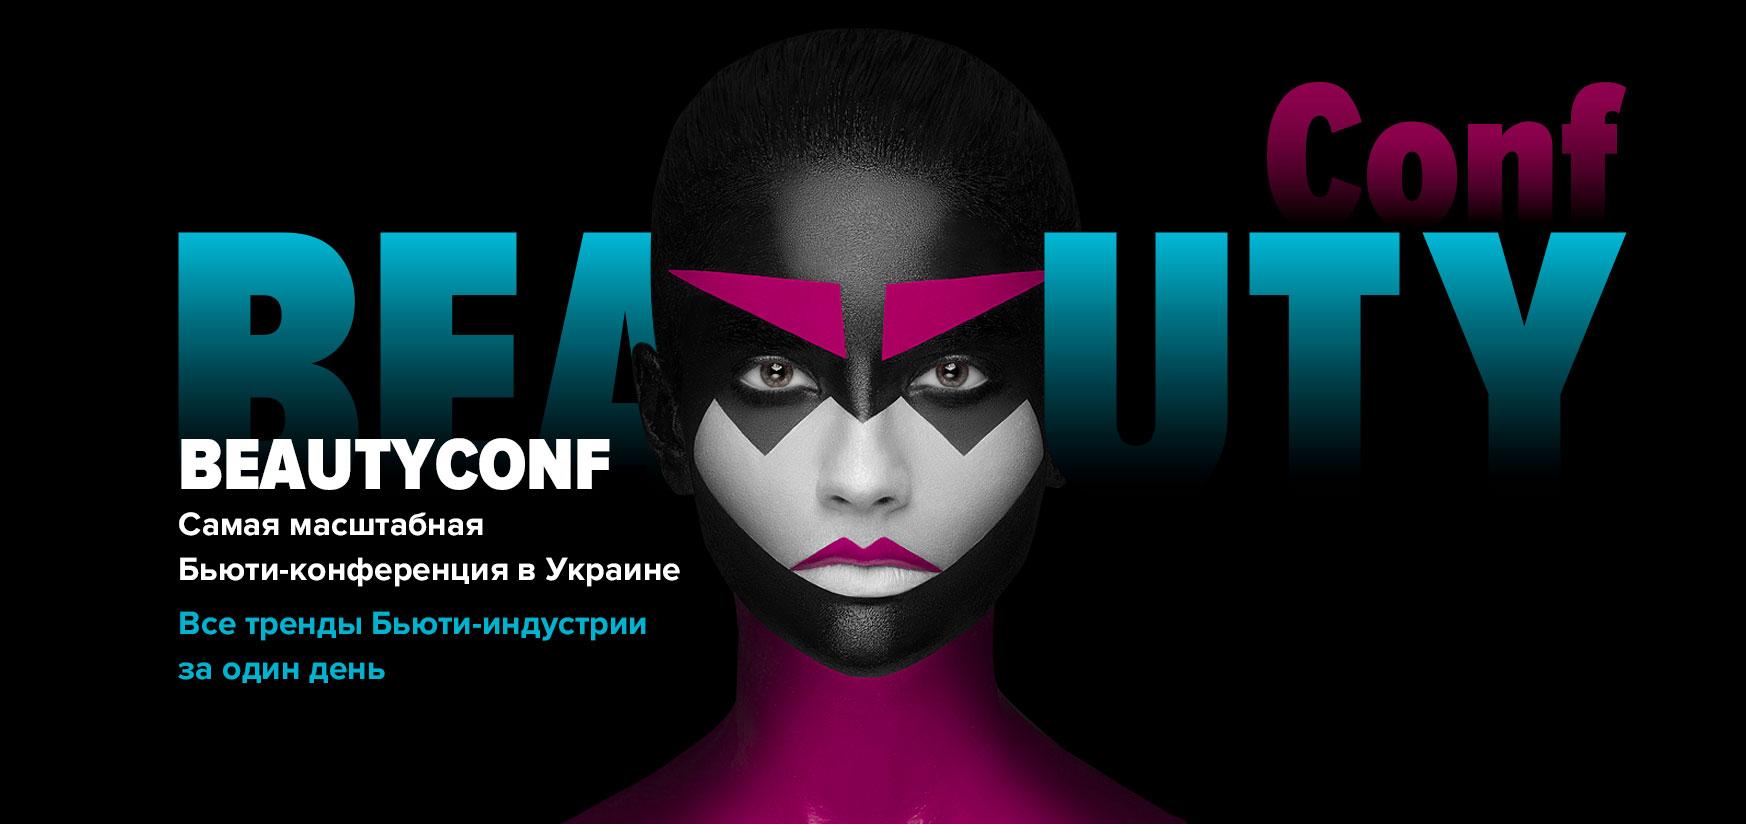 BeautyConf: Все тренды Бьюти-индустрии за один день